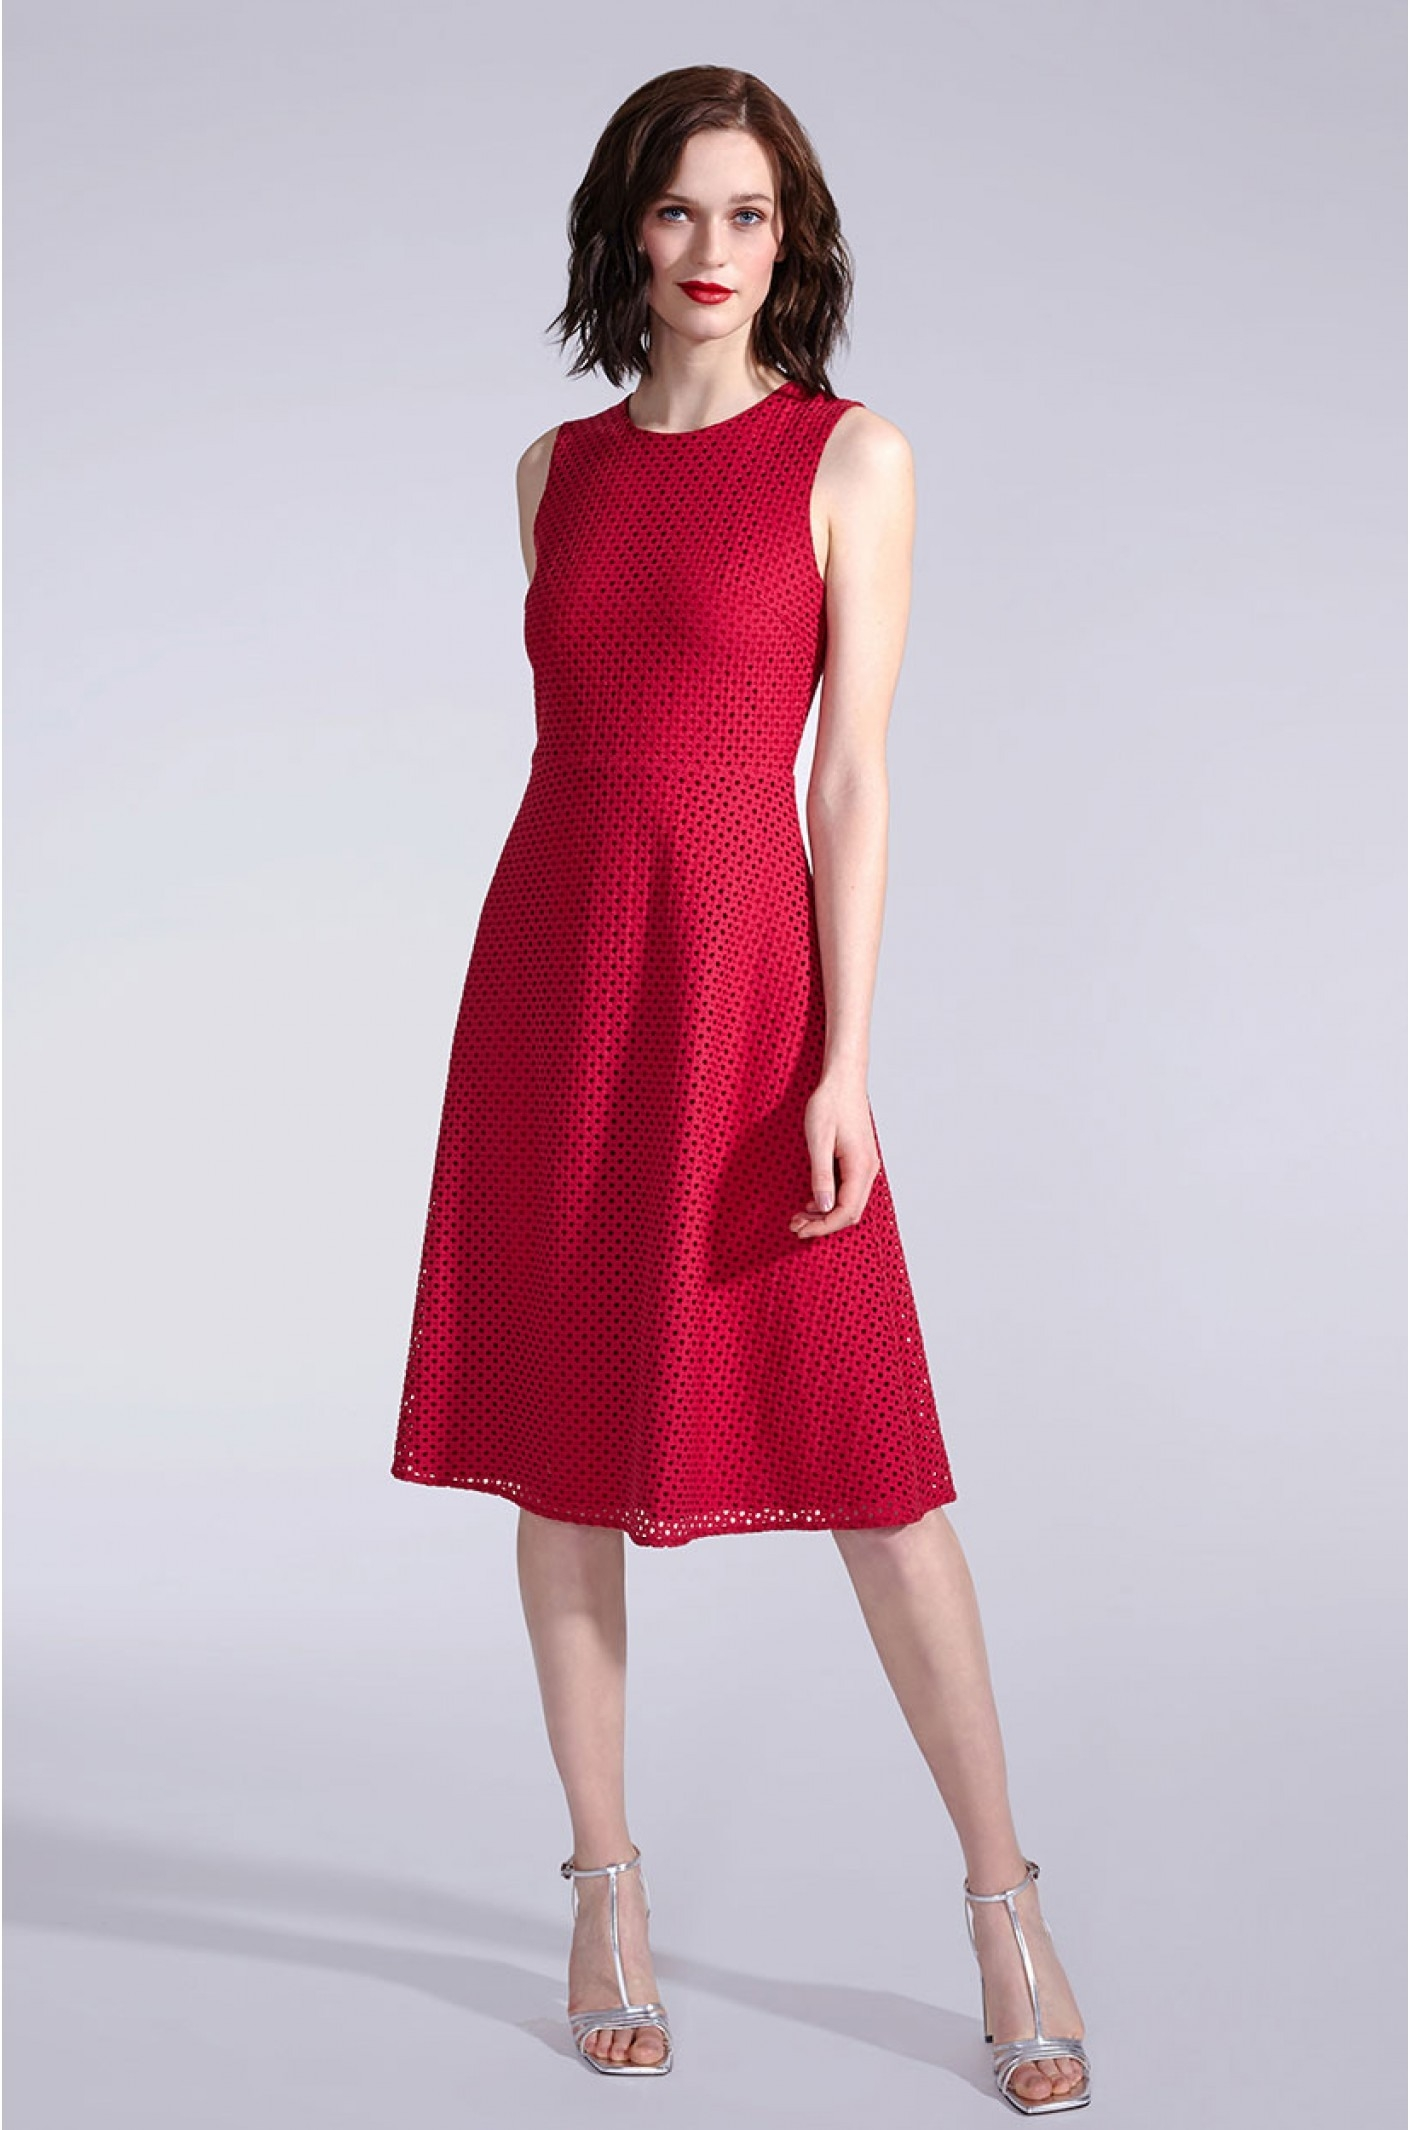 Formal Kreativ Elegante Moderne Kleider SpezialgebietAbend Luxurius Elegante Moderne Kleider Ärmel